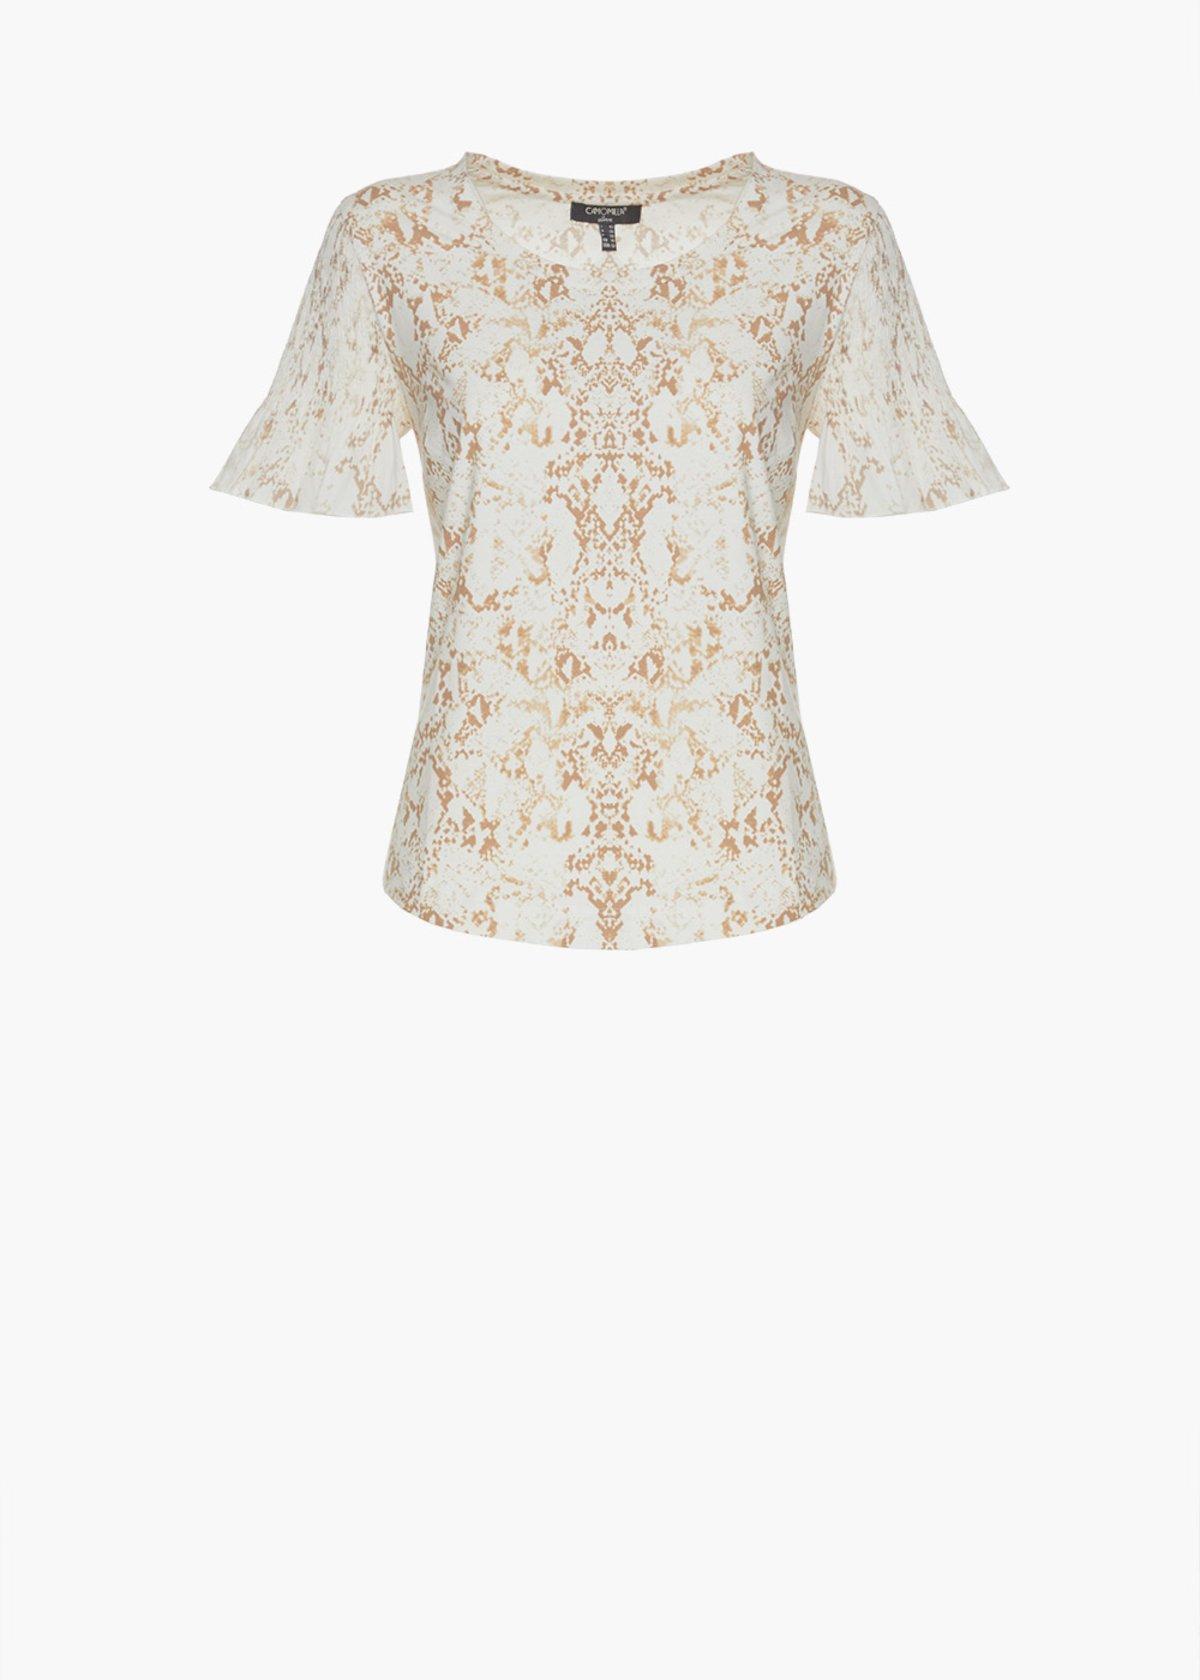 T-shirt Silky  pitone print con arriccio - White / Nomad Fantasia - Donna - Immagine categoria